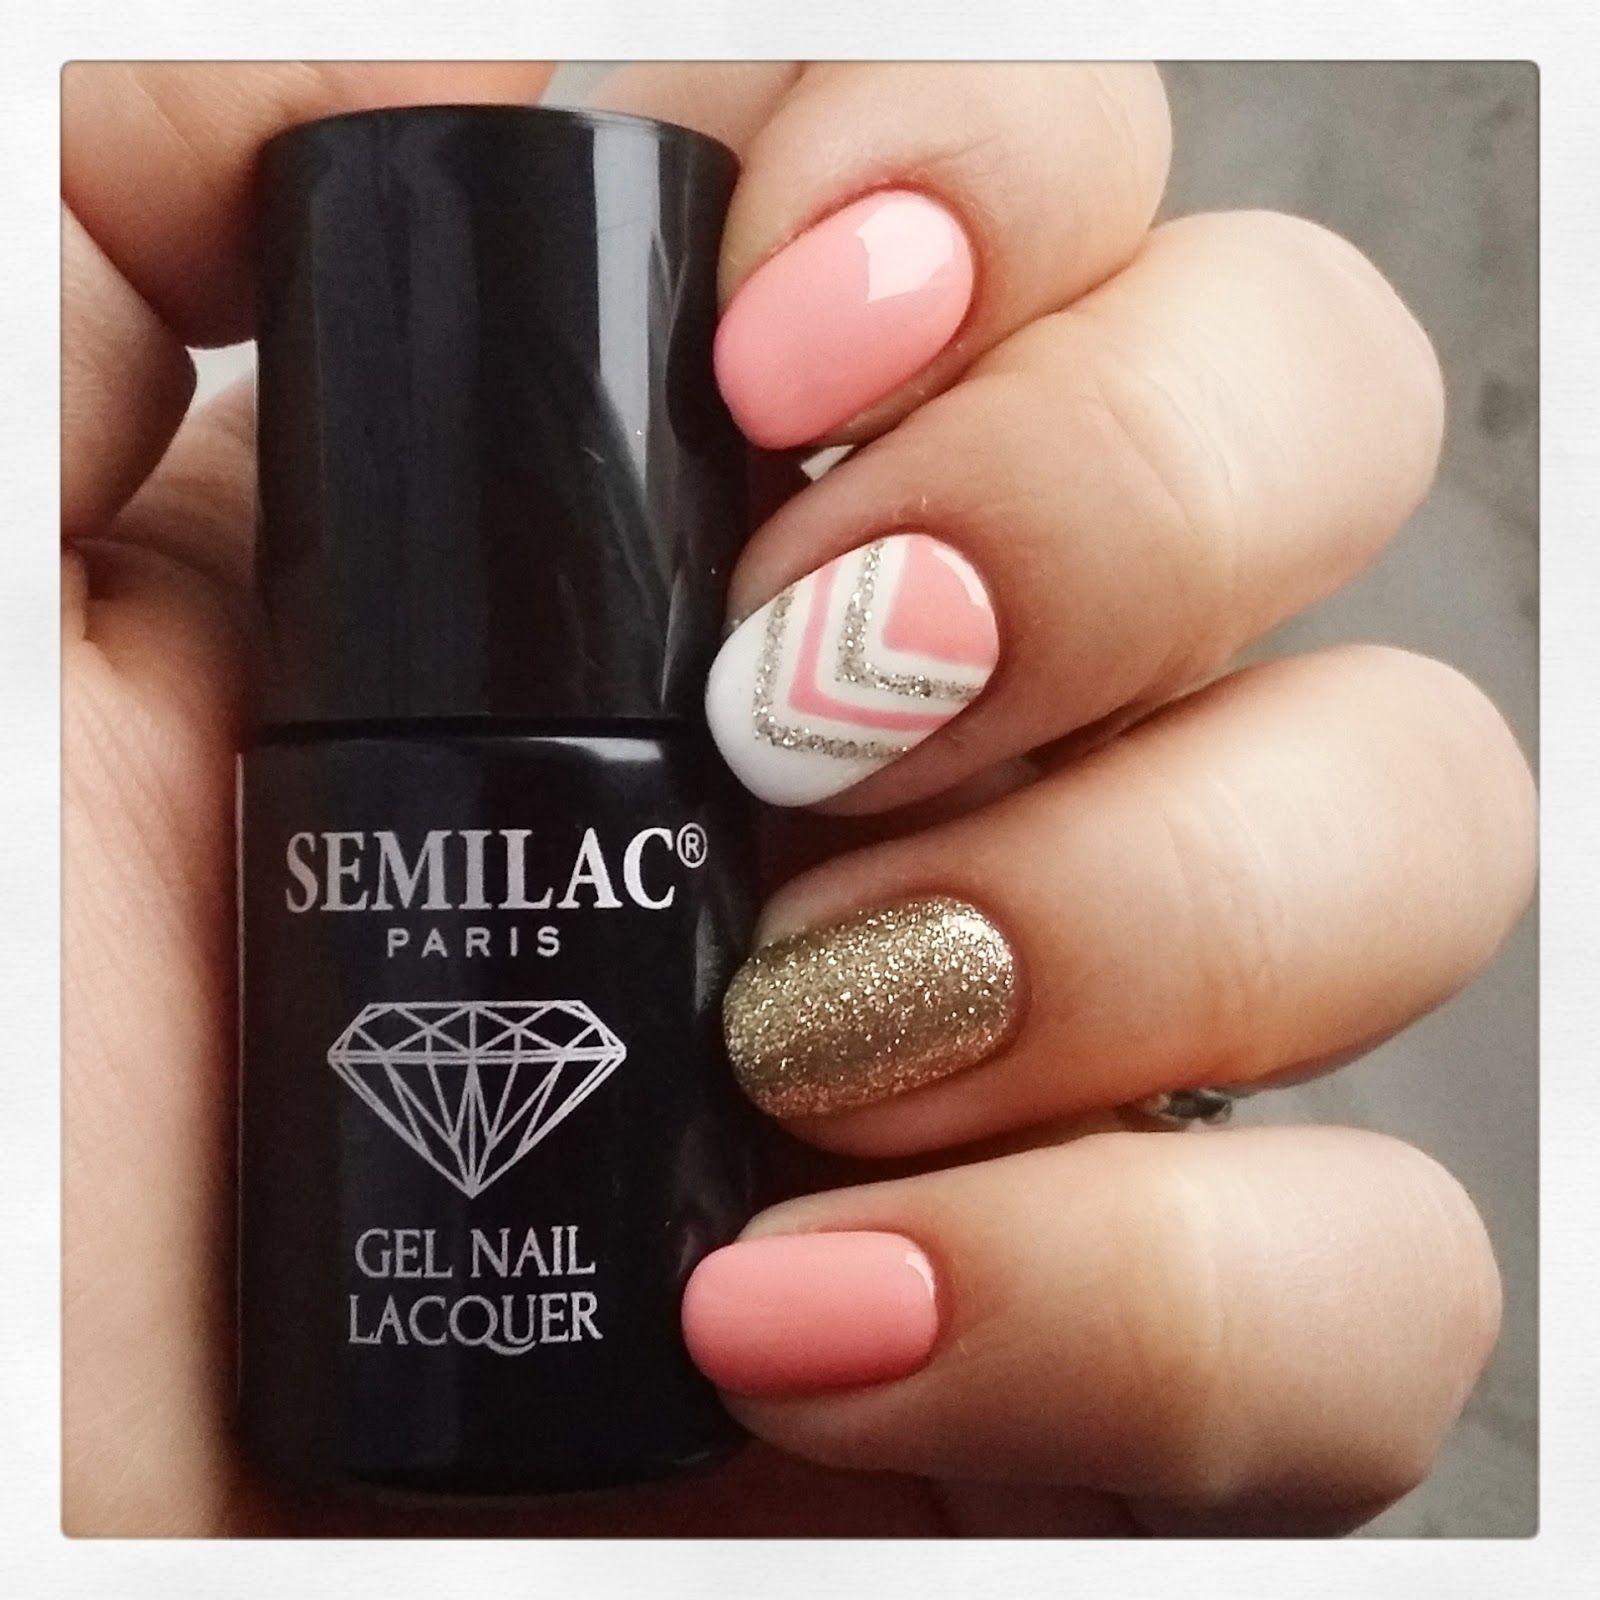 Semilac, PEACH MILK nr 055 Semilac, STRONG WHITE nr 001 Semilac ...